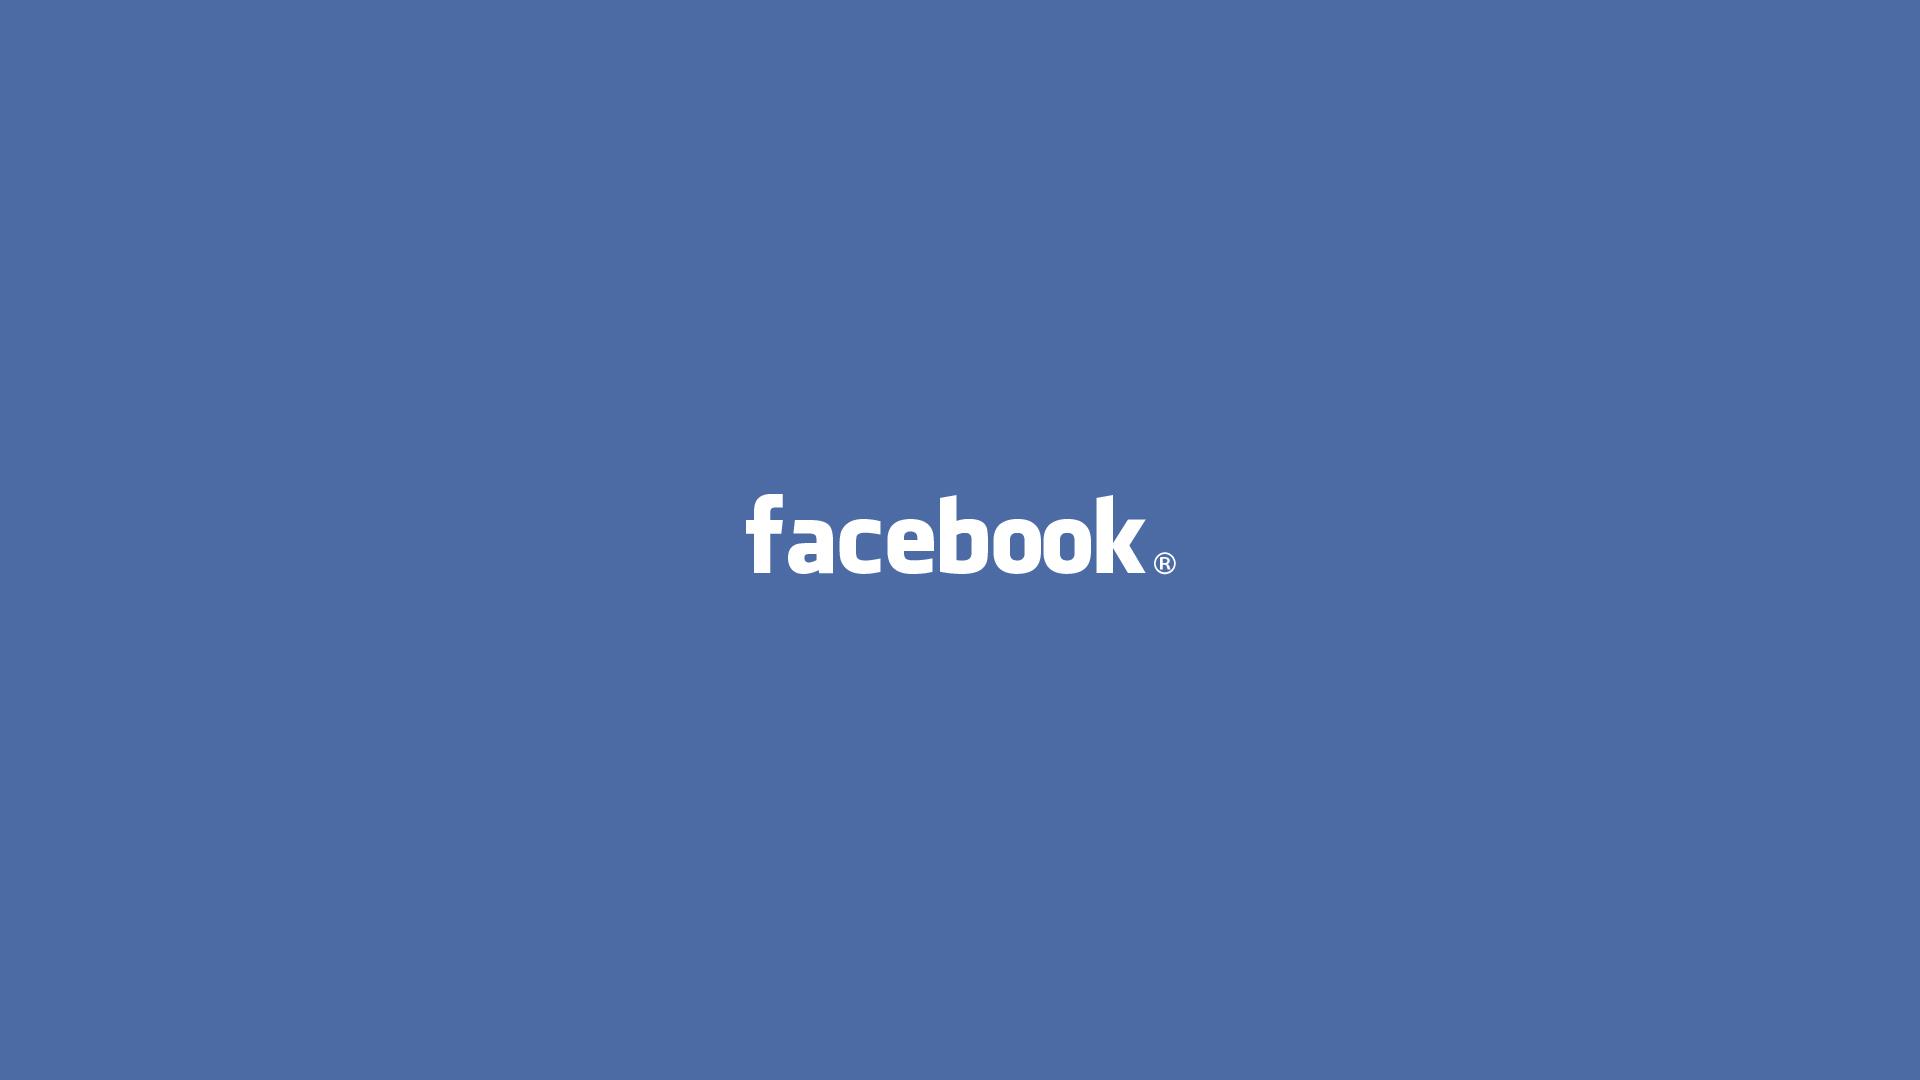 5518913-facebook-wallpaper.jpg